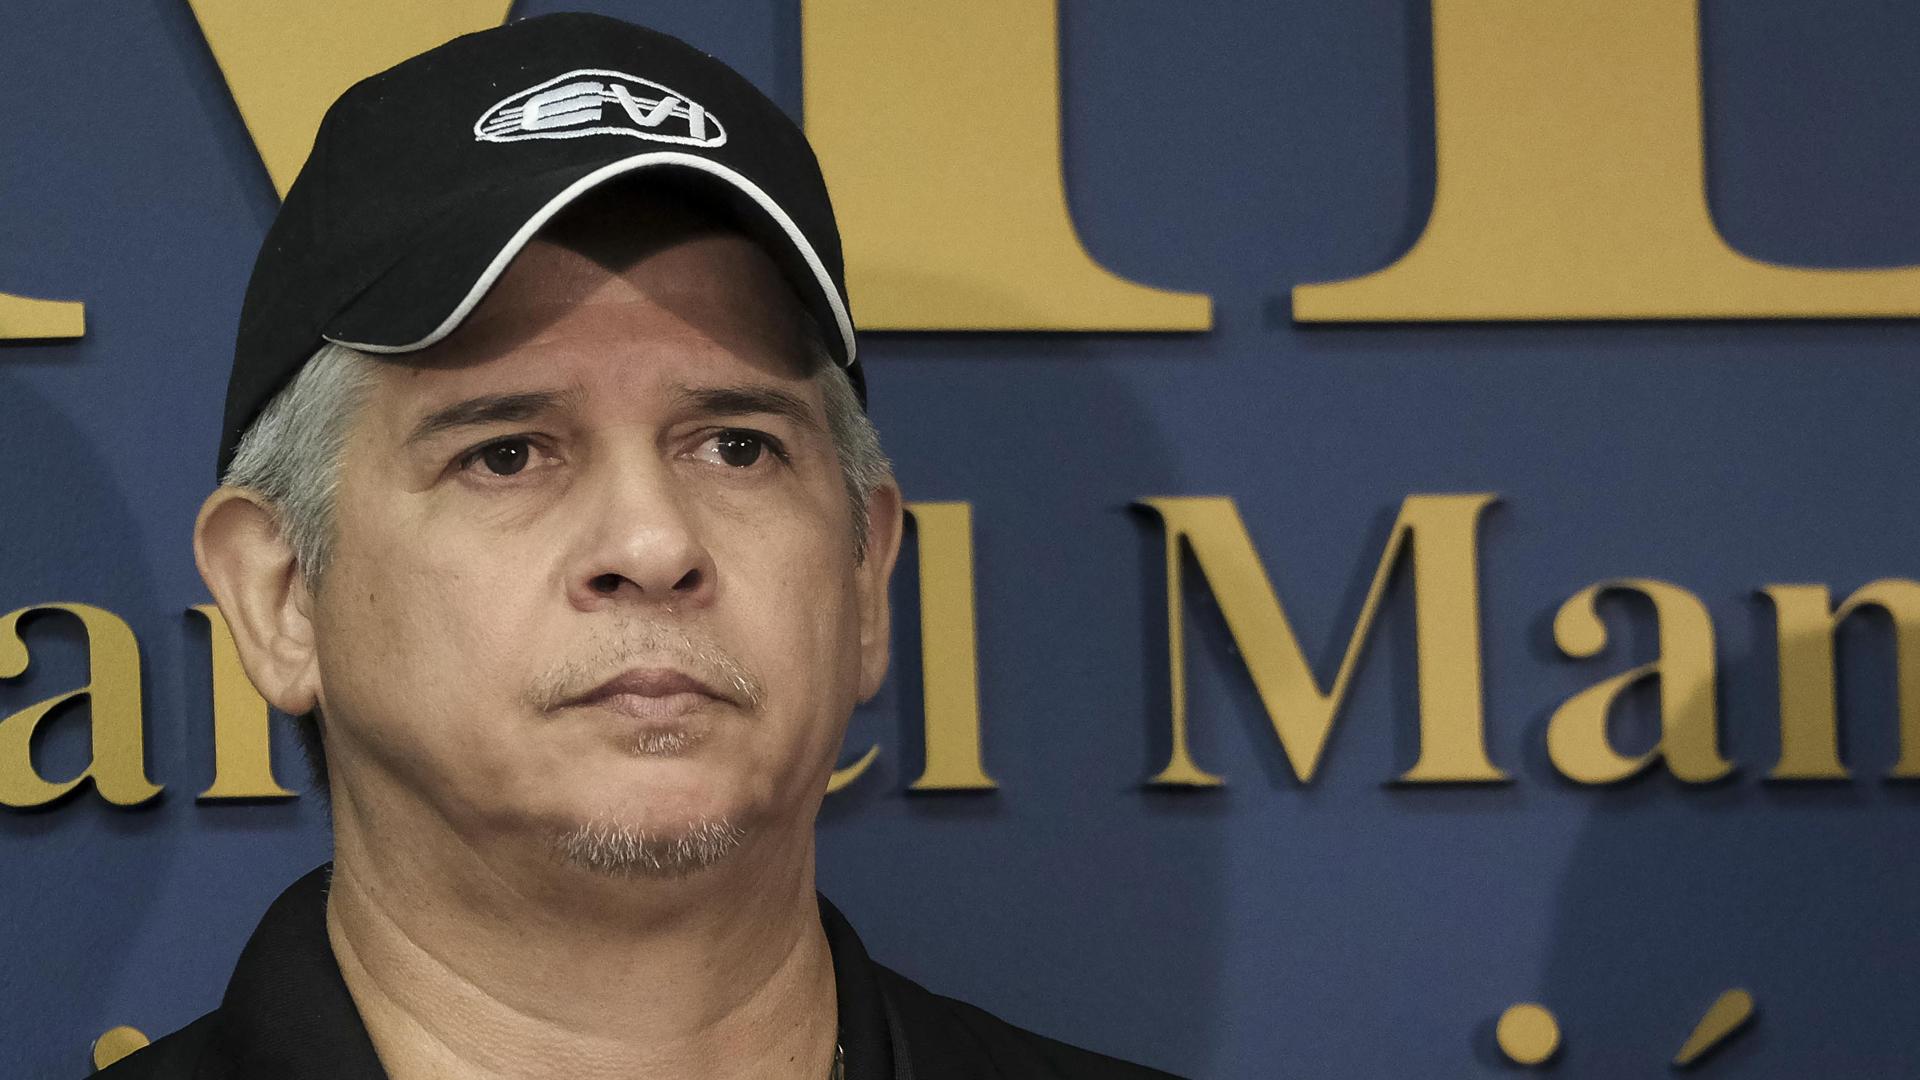 El momento en que Carlos Acevedo informó el inventario de los almacenes frente a la gobernadora